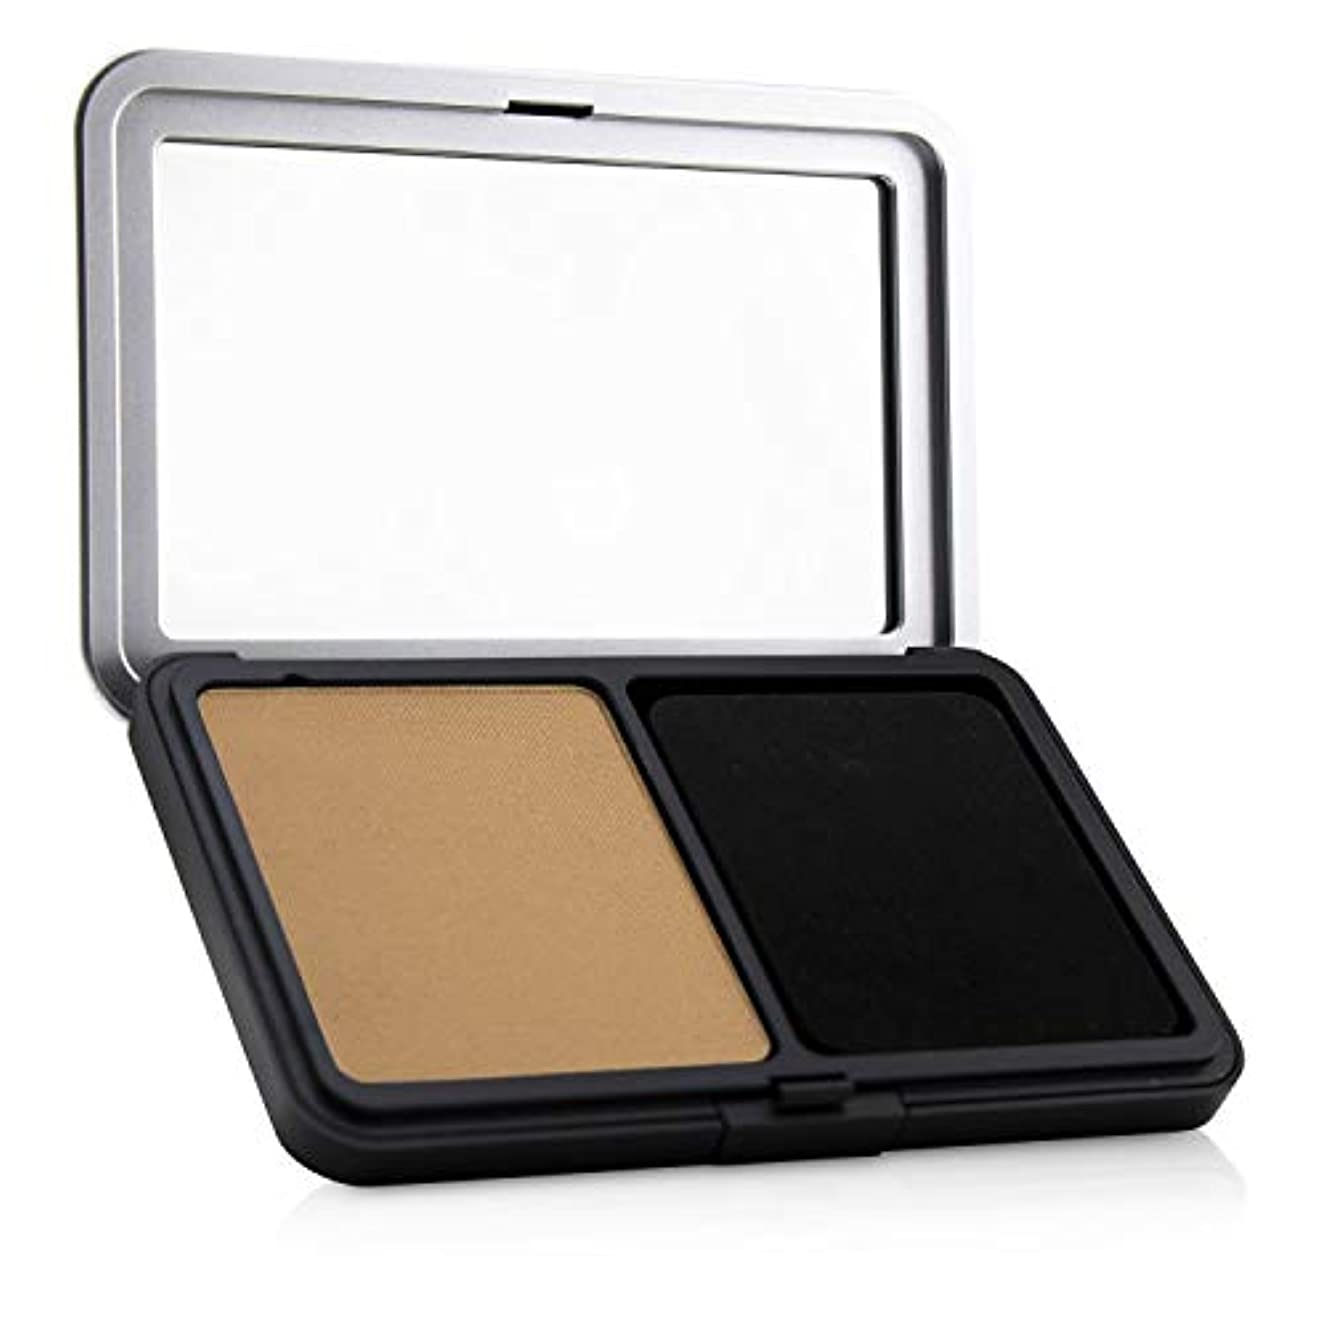 隣接する恥ずかしさ小数メイクアップフォーエバー Matte Velvet Skin Blurring Powder Foundation - # R370 (Medium Beige) 11g/0.38oz並行輸入品